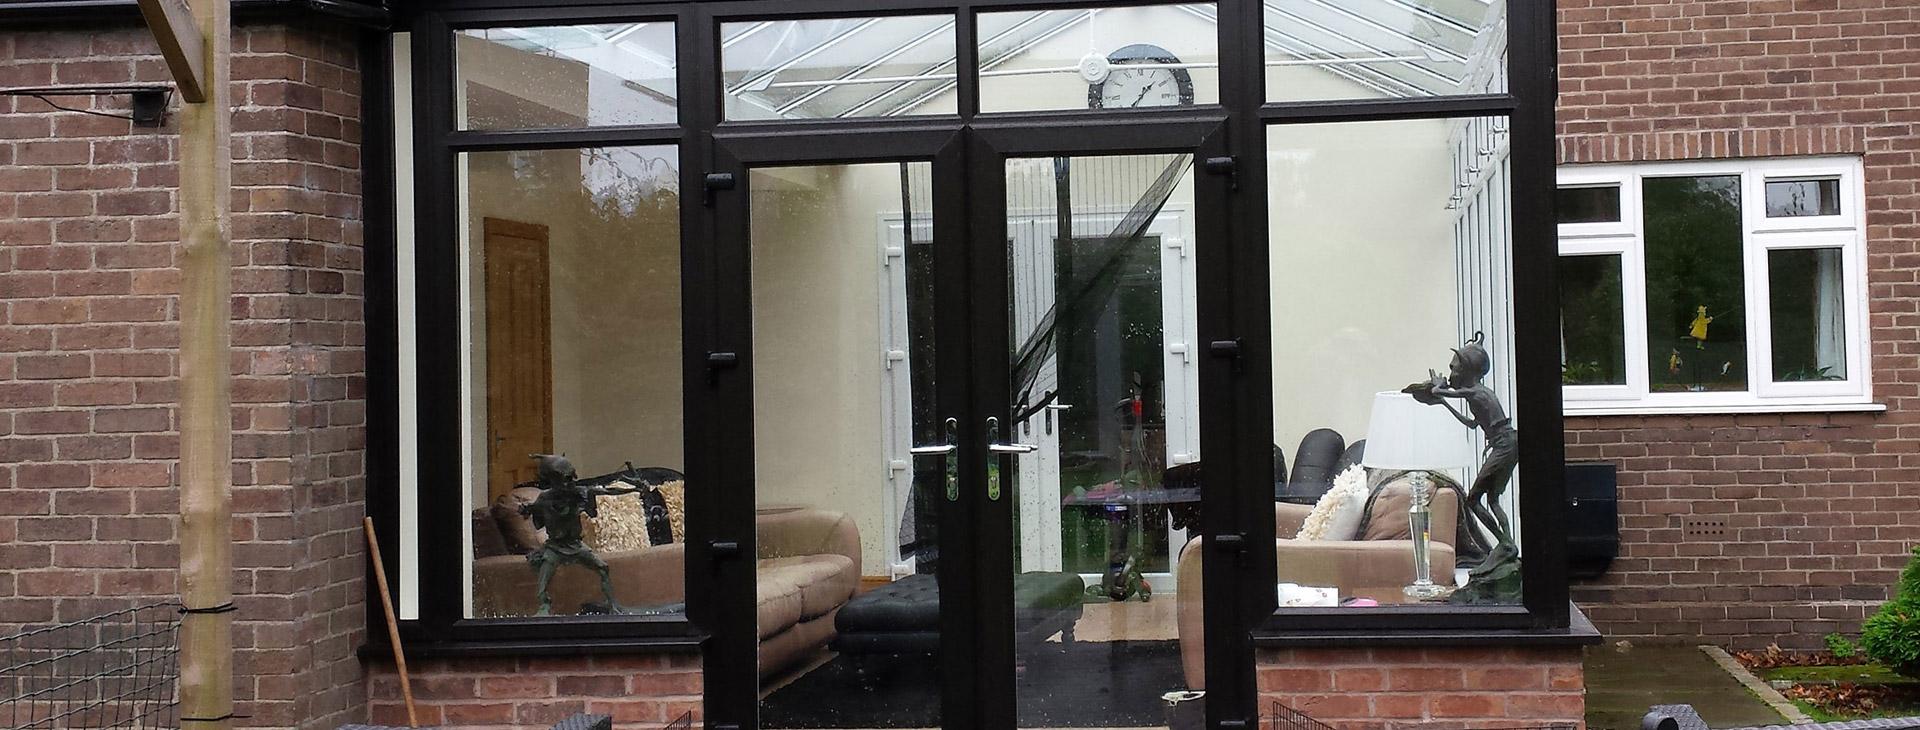 conservatories-1920x730